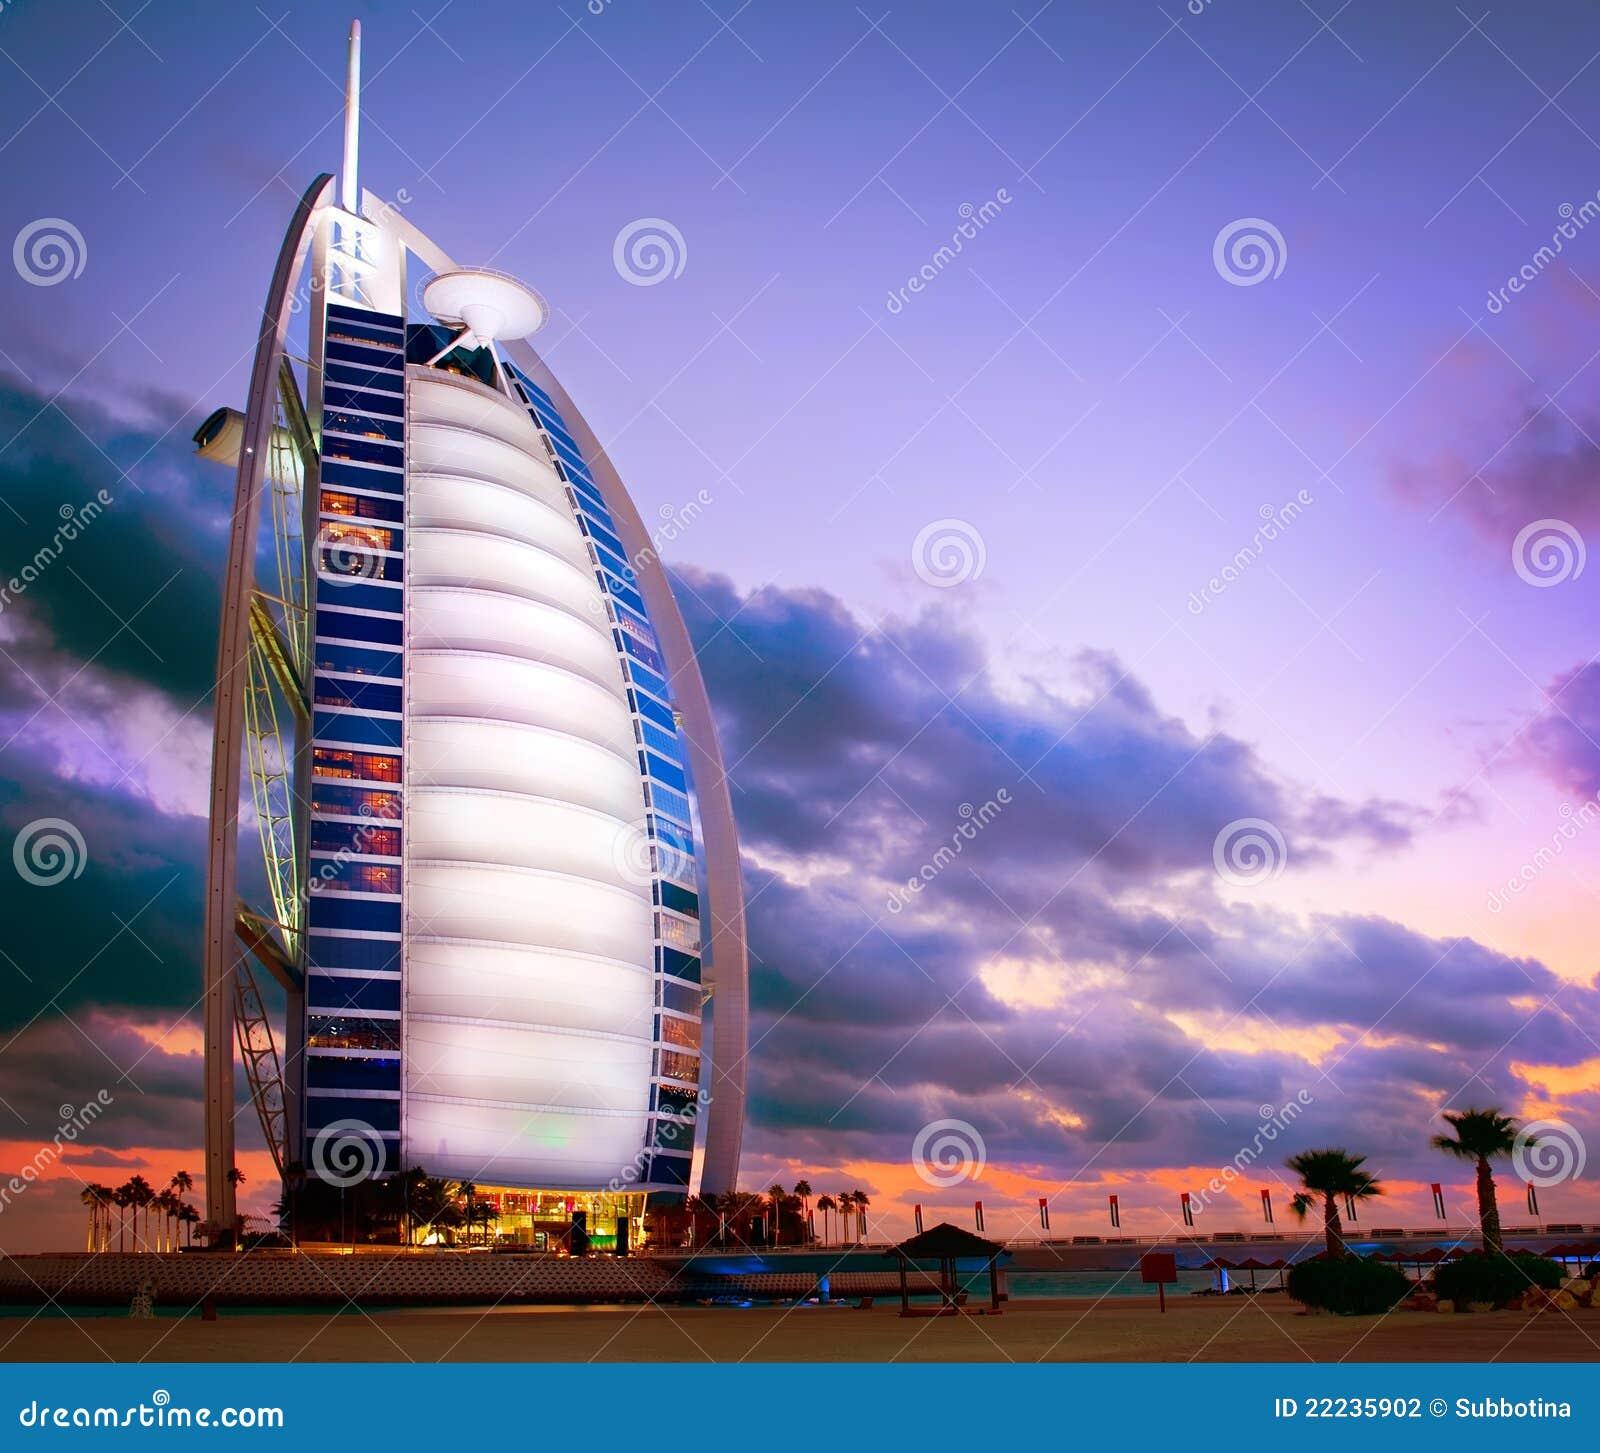 Al arabski burj Dubai hotel